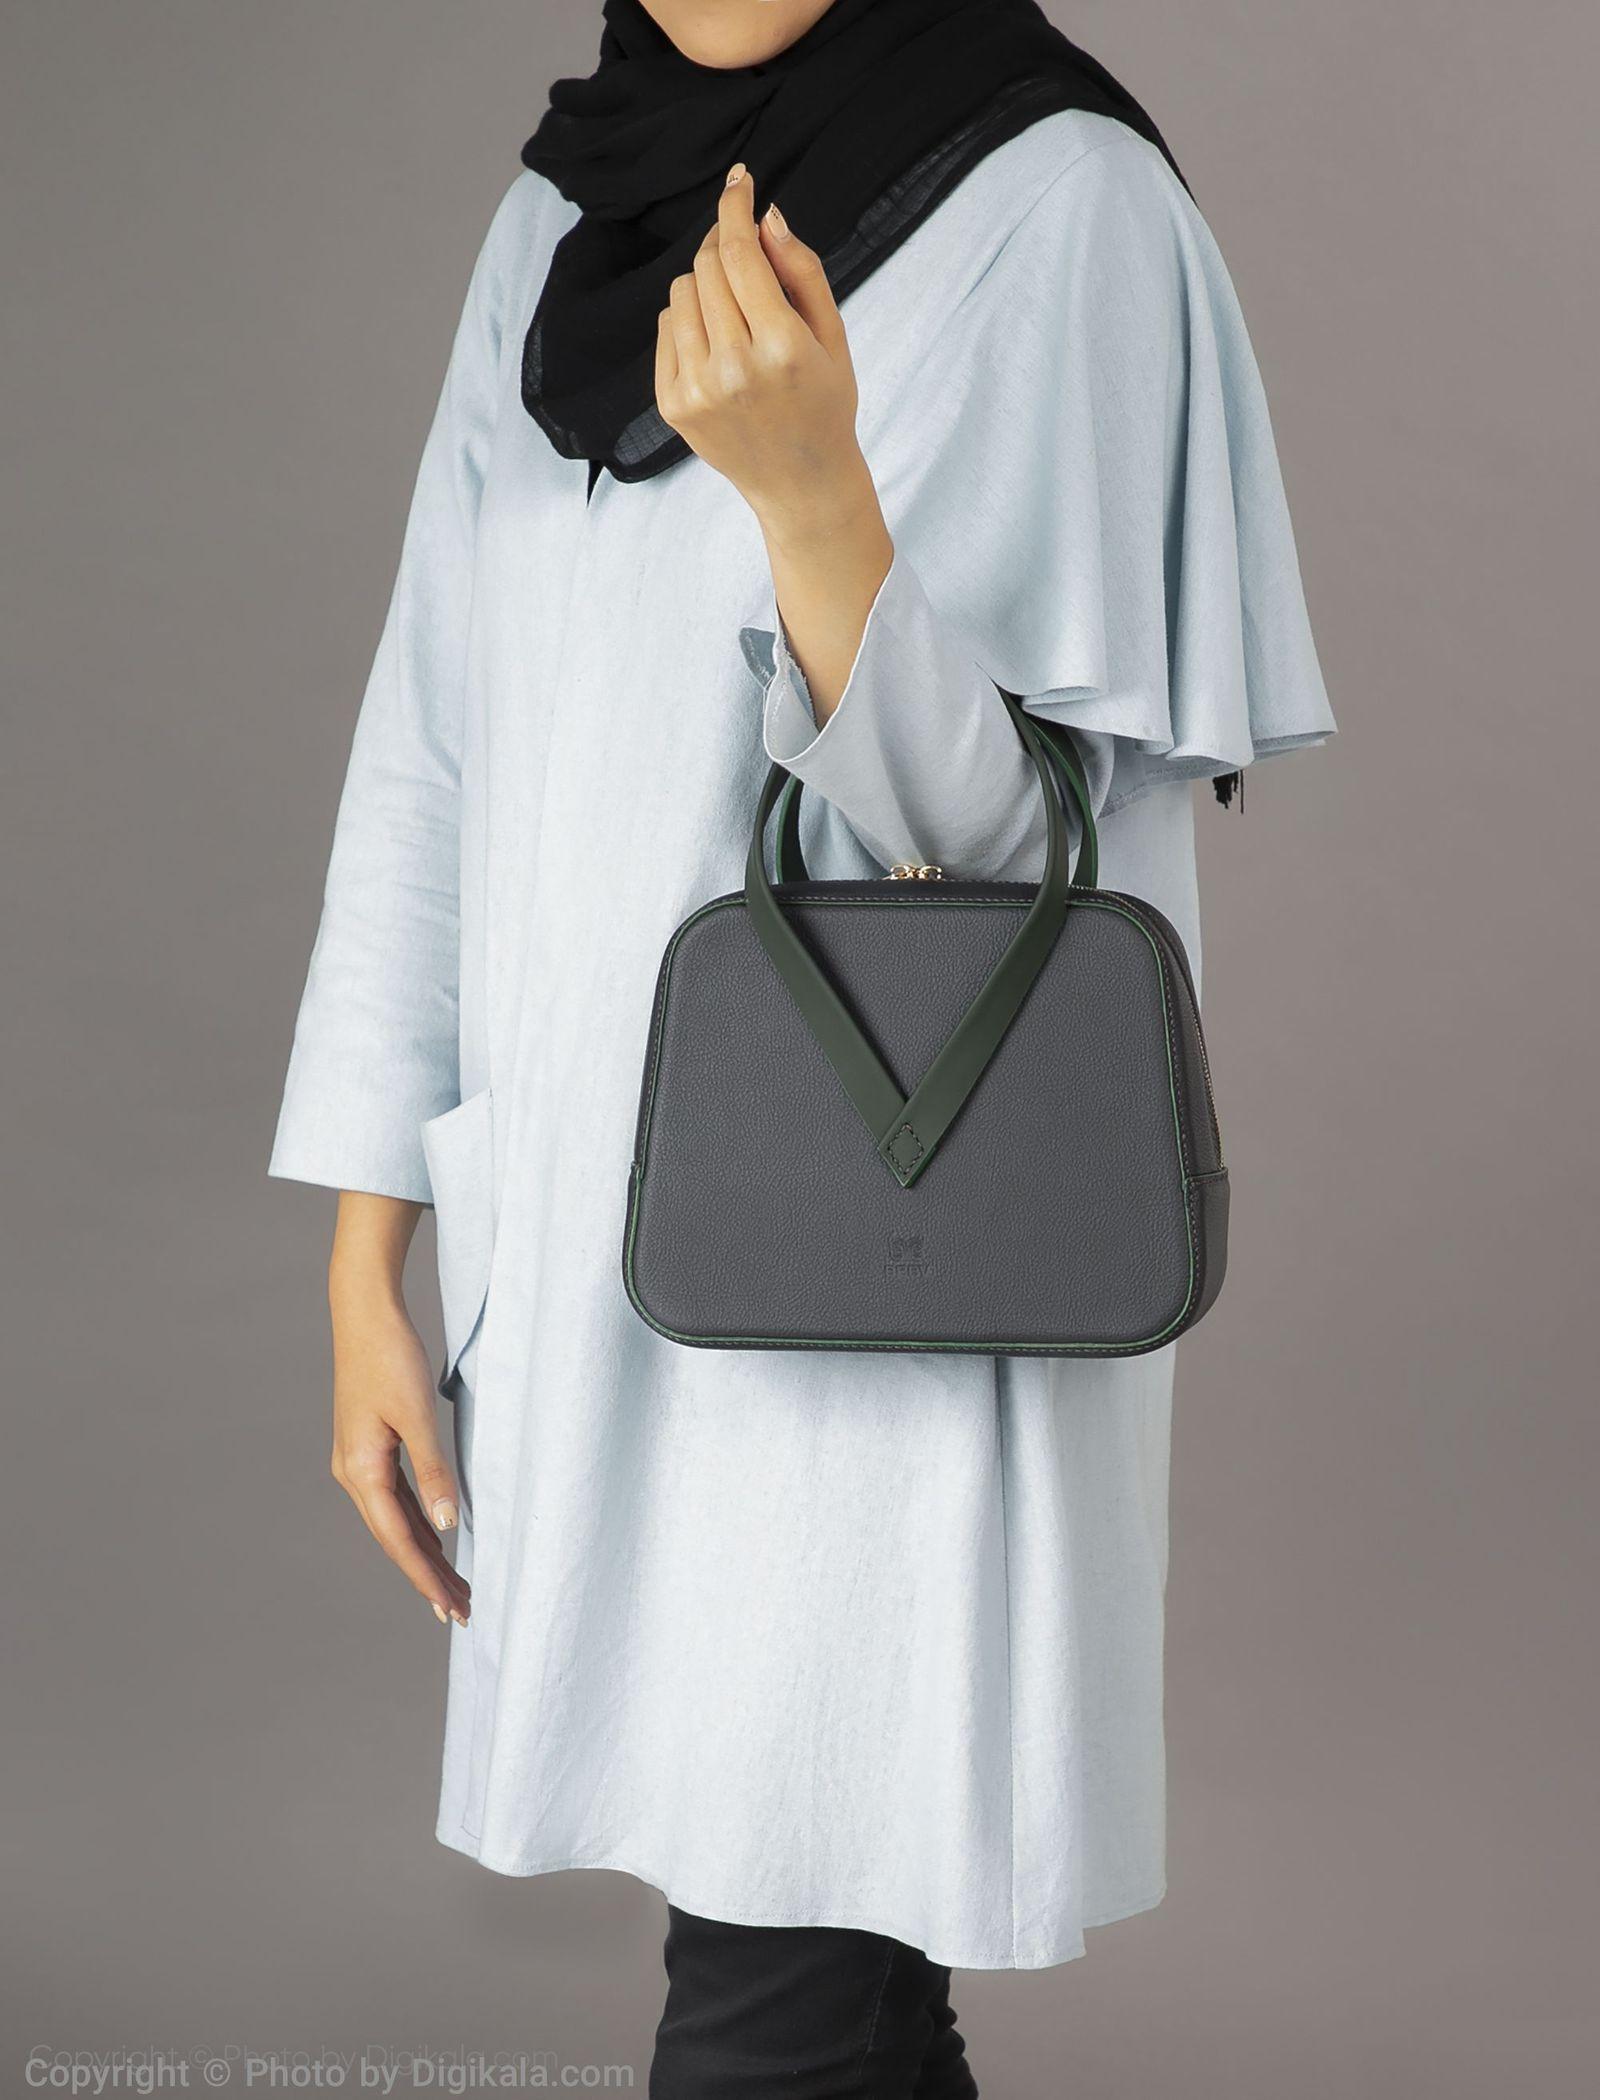 کیف دستی زنانه دیو مدل 1573100-99 -  - 5